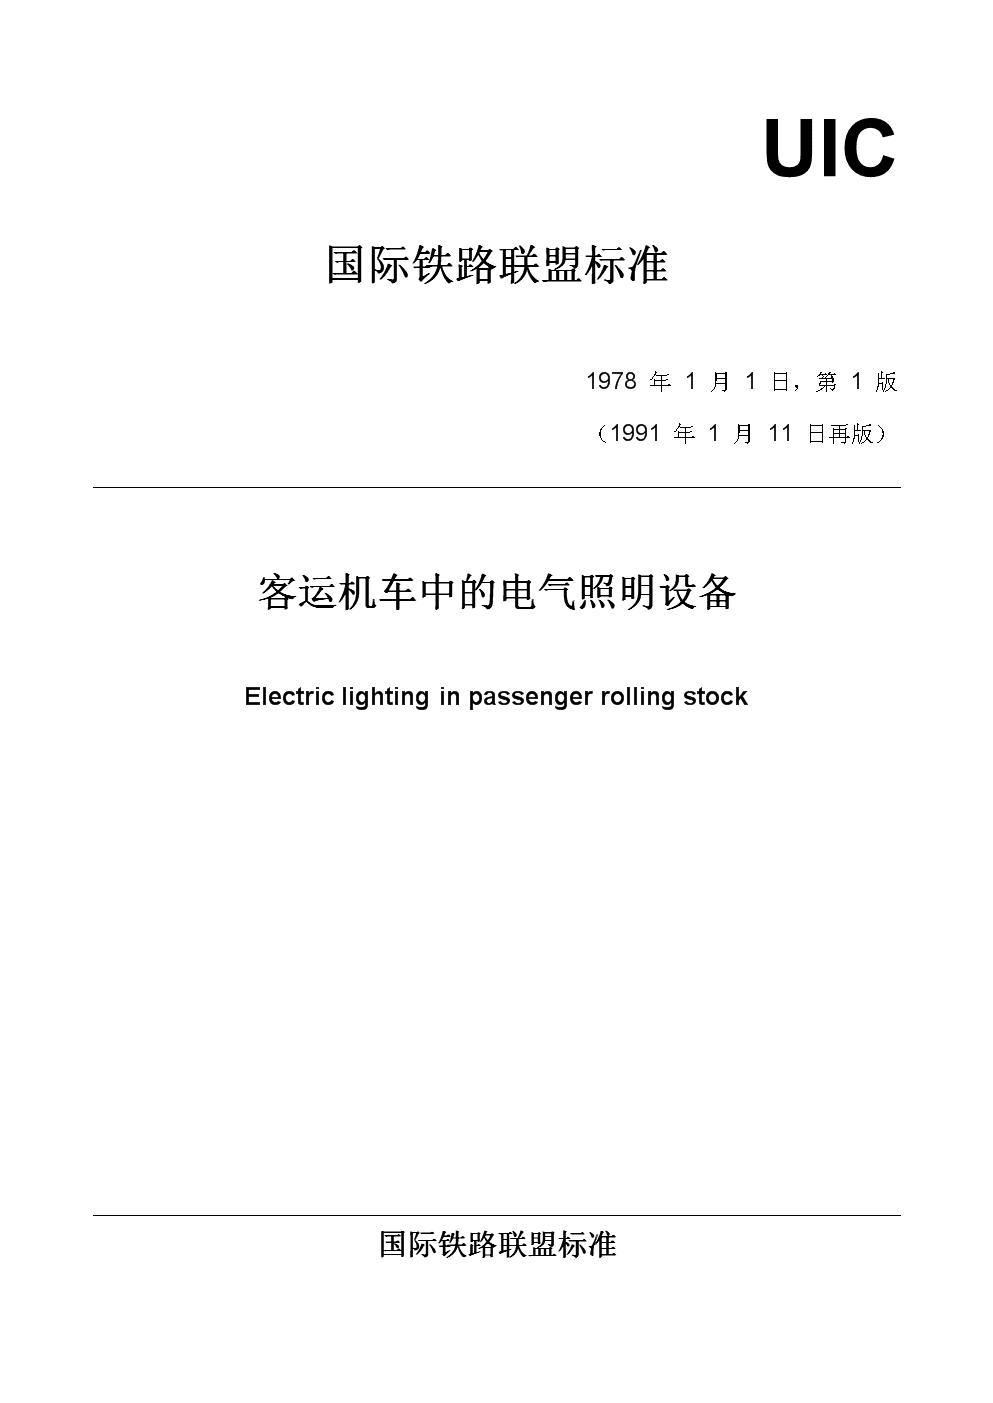 UIC 555-1991客运机车中的电气照明设备(中文版).doc